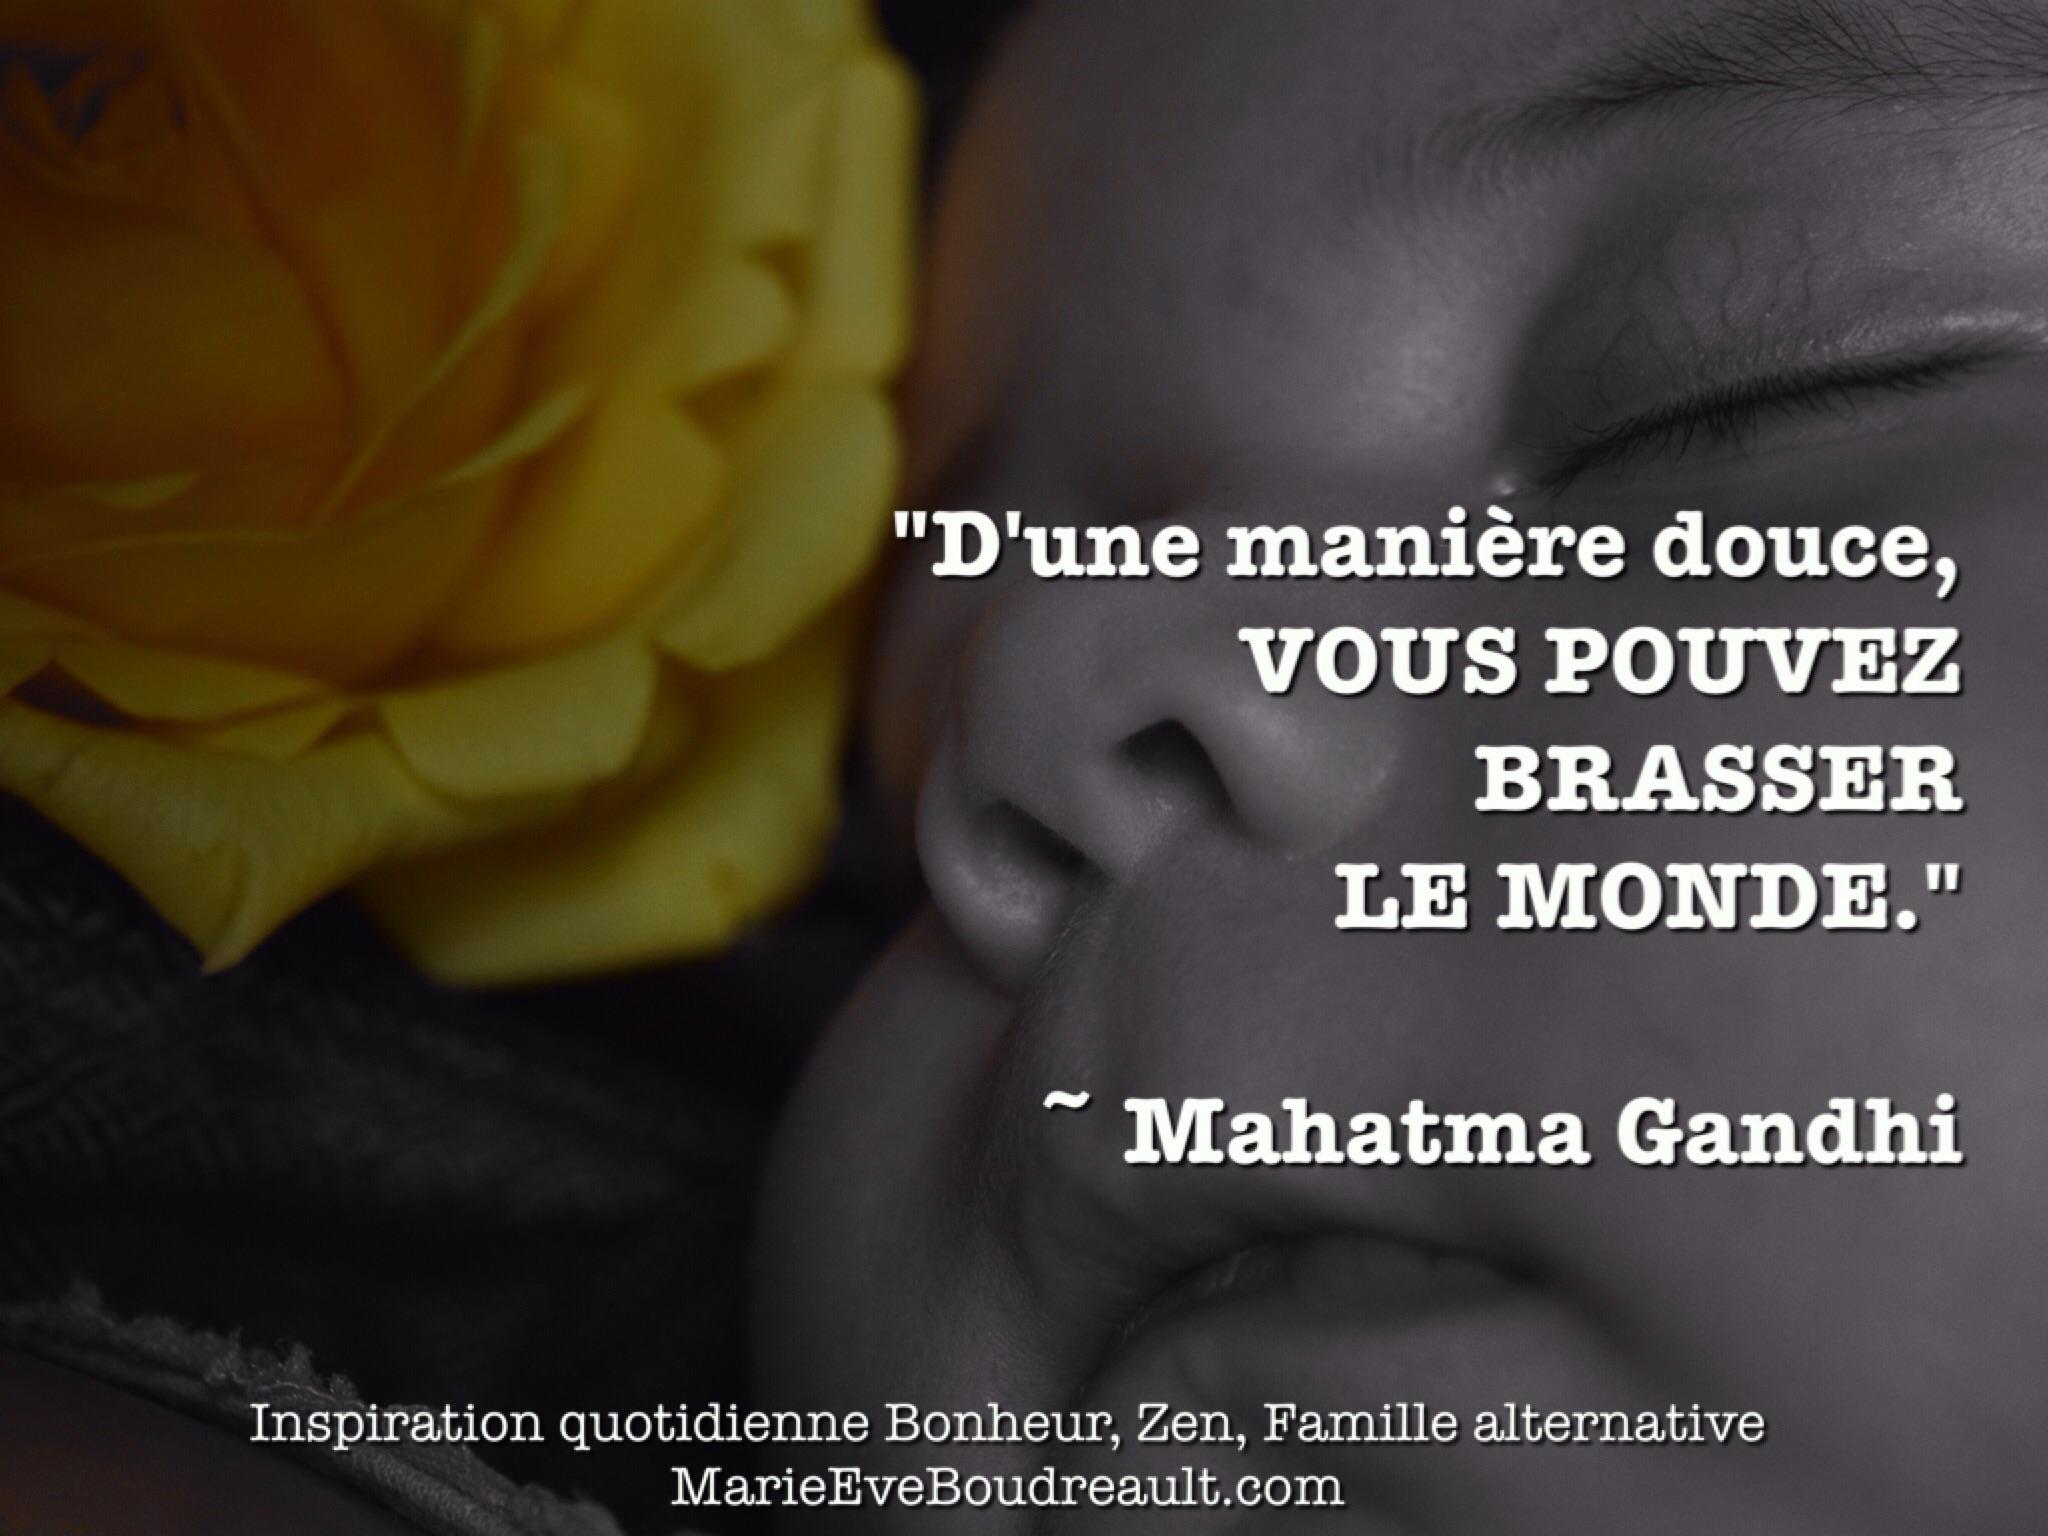 eaae2d07175d d une maniere douce vous pouvez brasser le monde meilleures citations  mahatma gandhi blog article